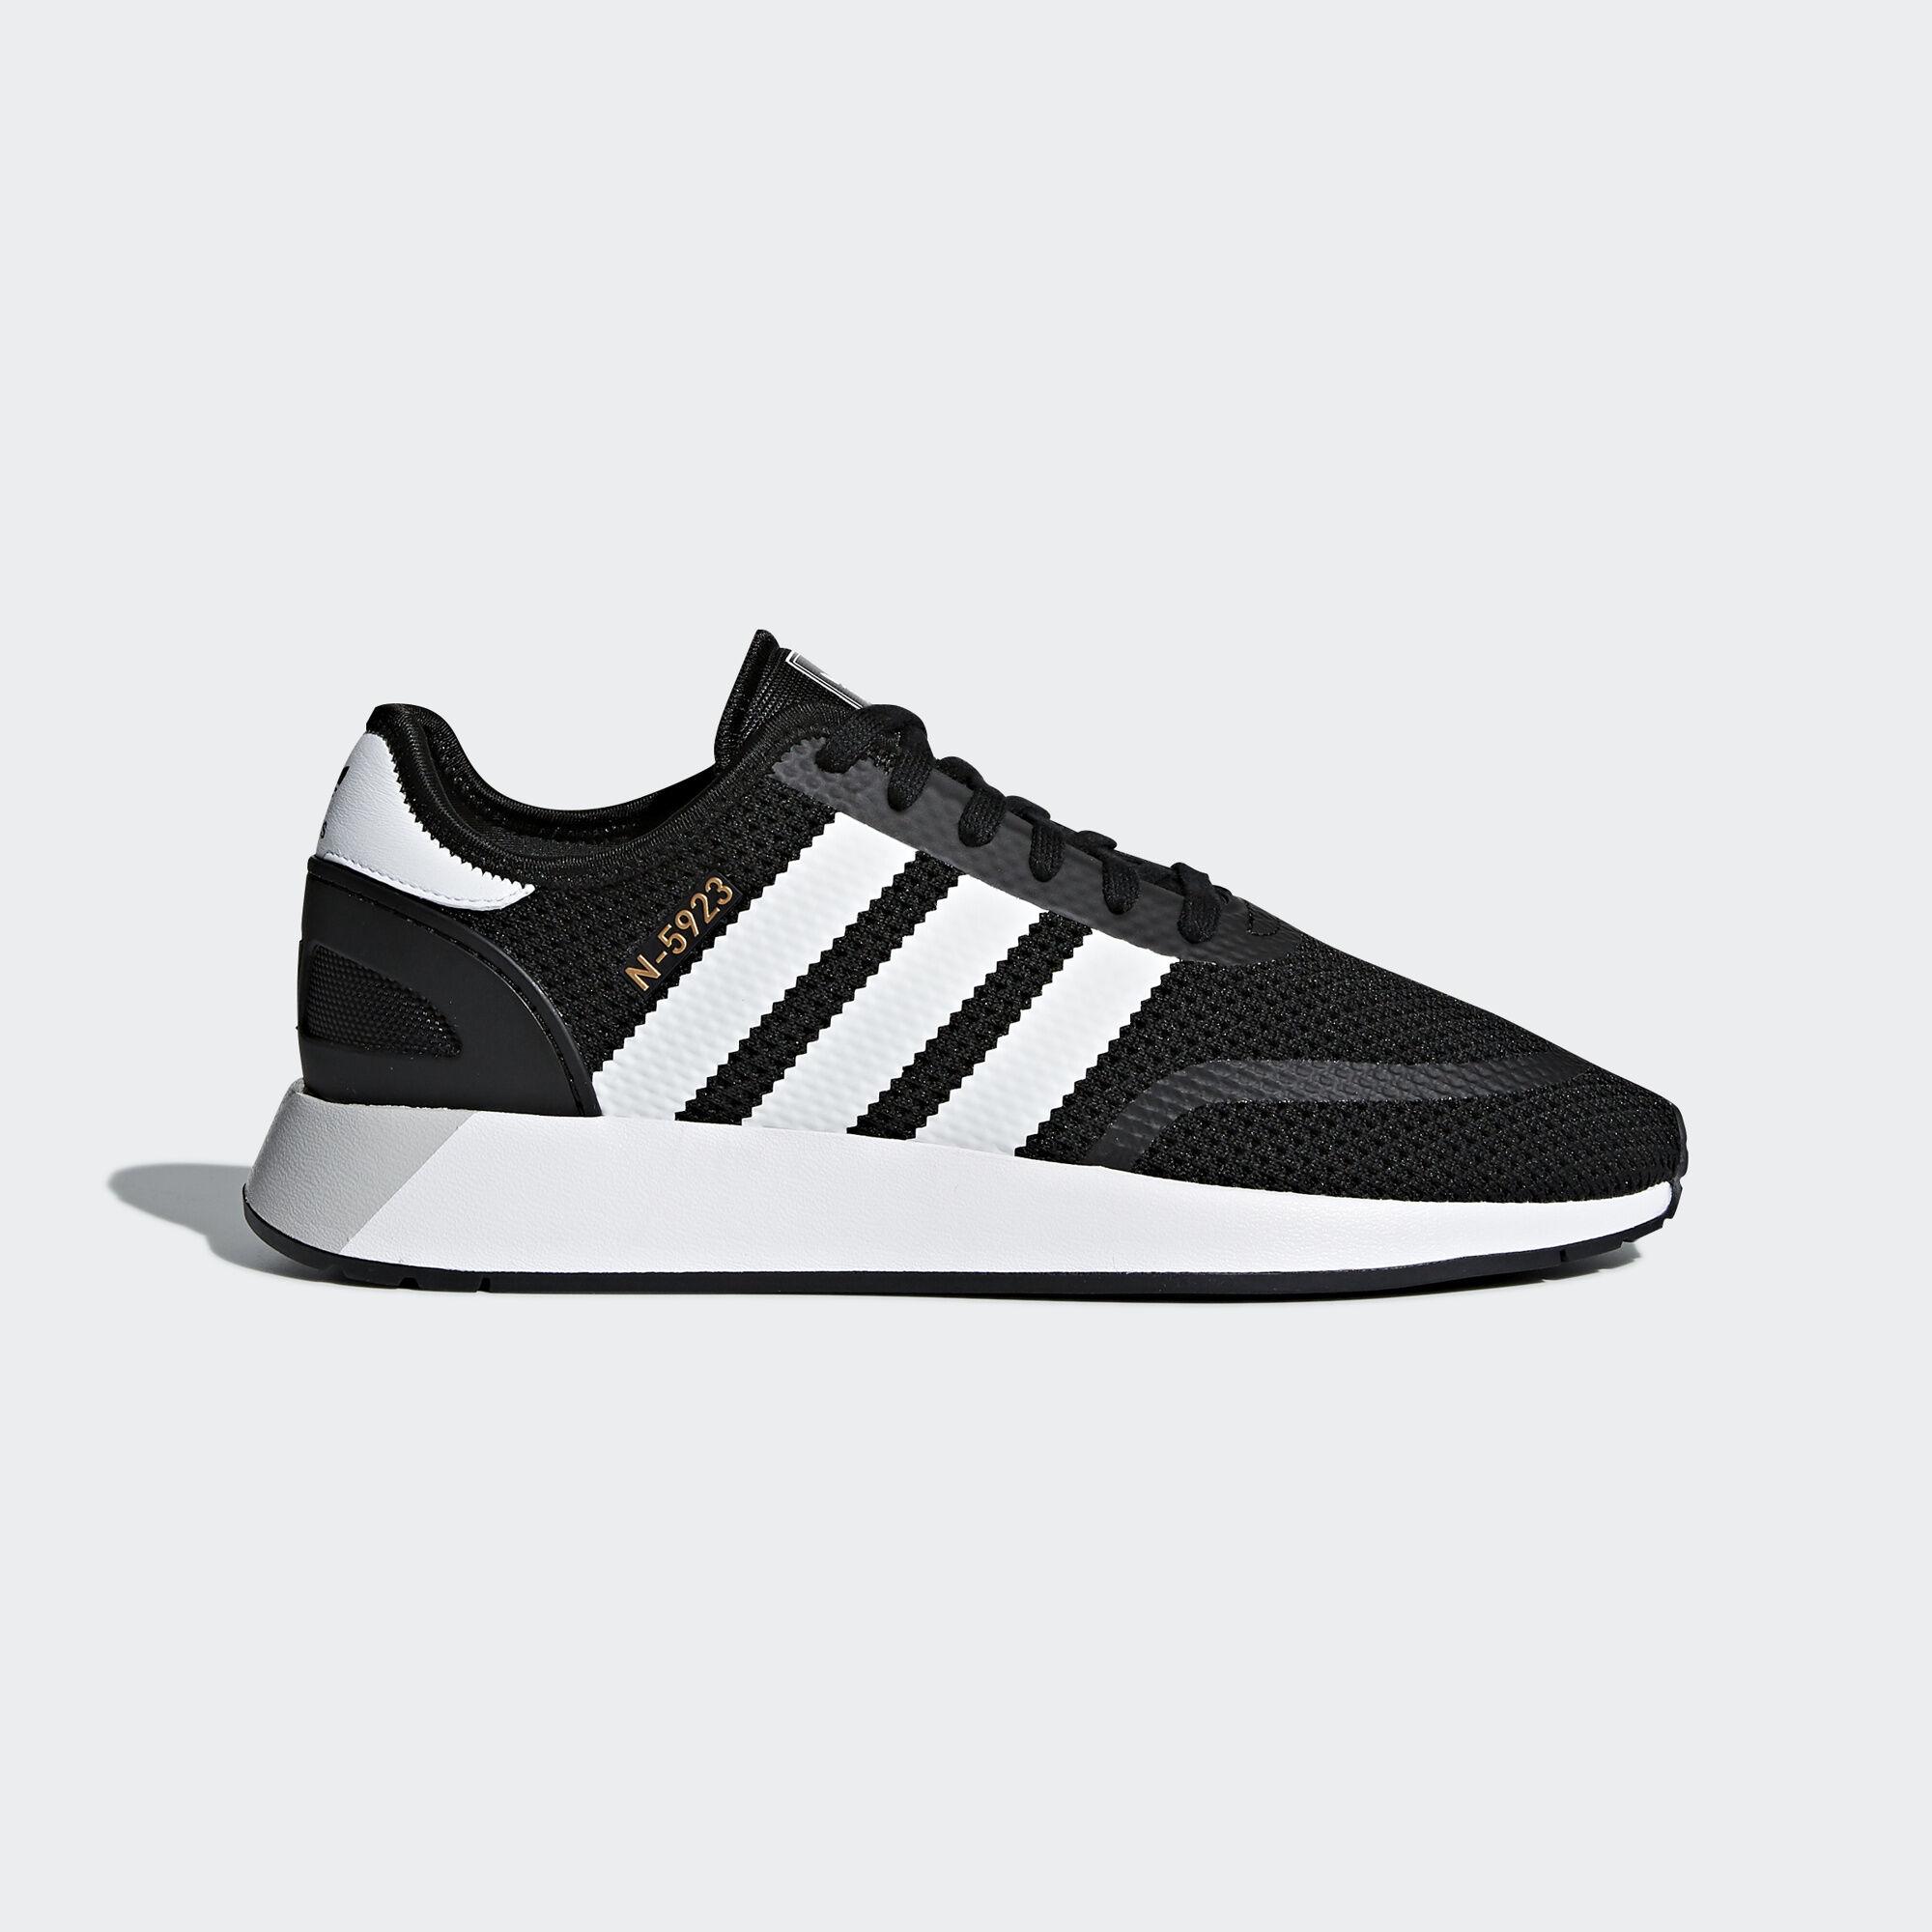 adidas Originals N 5923 en 2020 | Zapatos, Zapatillas y Moda